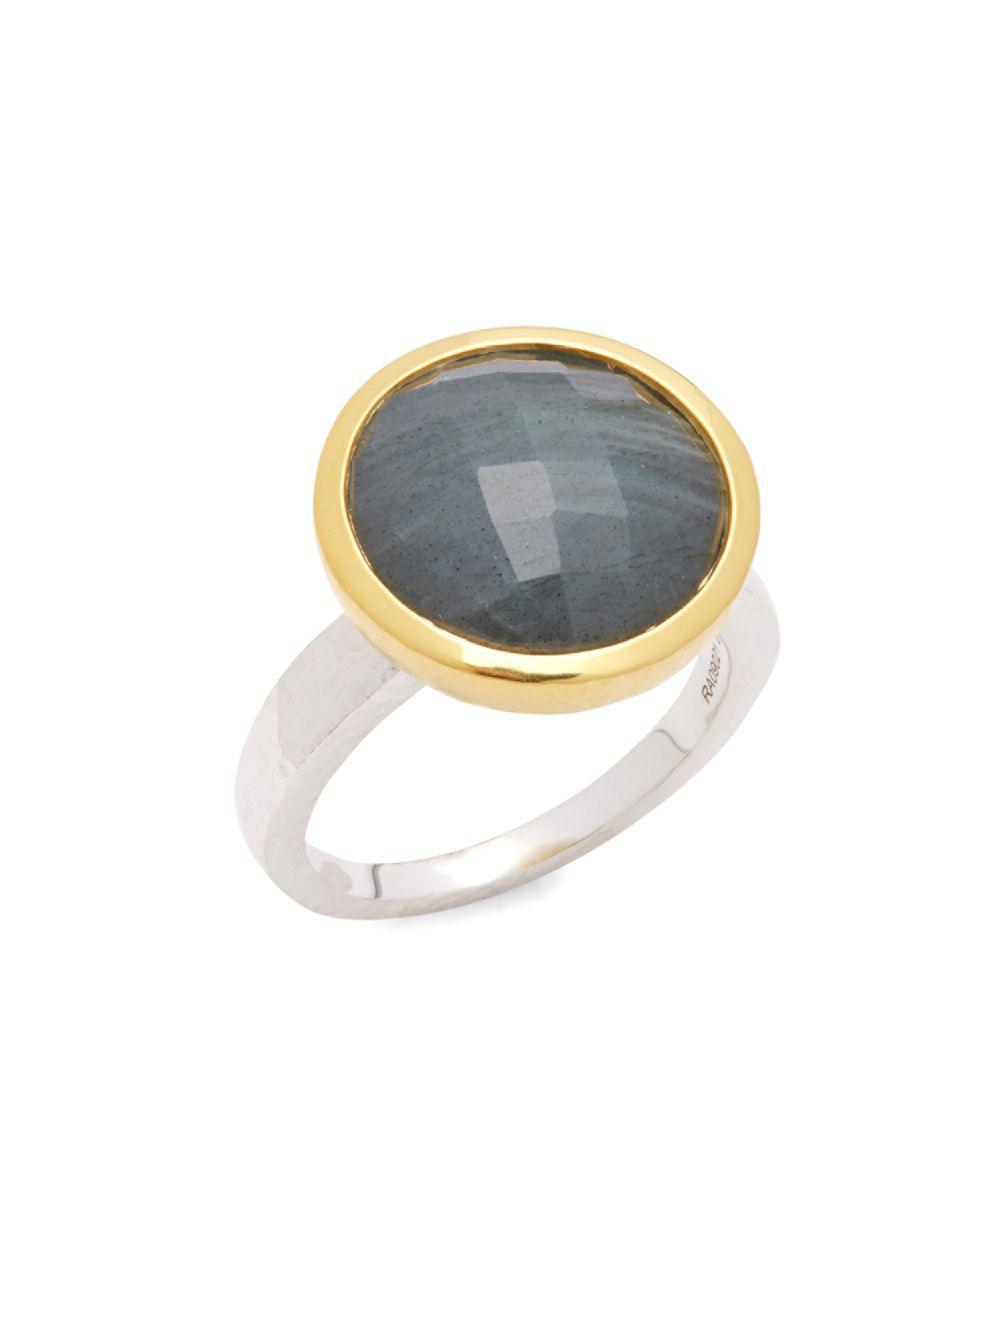 Gurhan Skittle Ring in Labradorite, Size 7